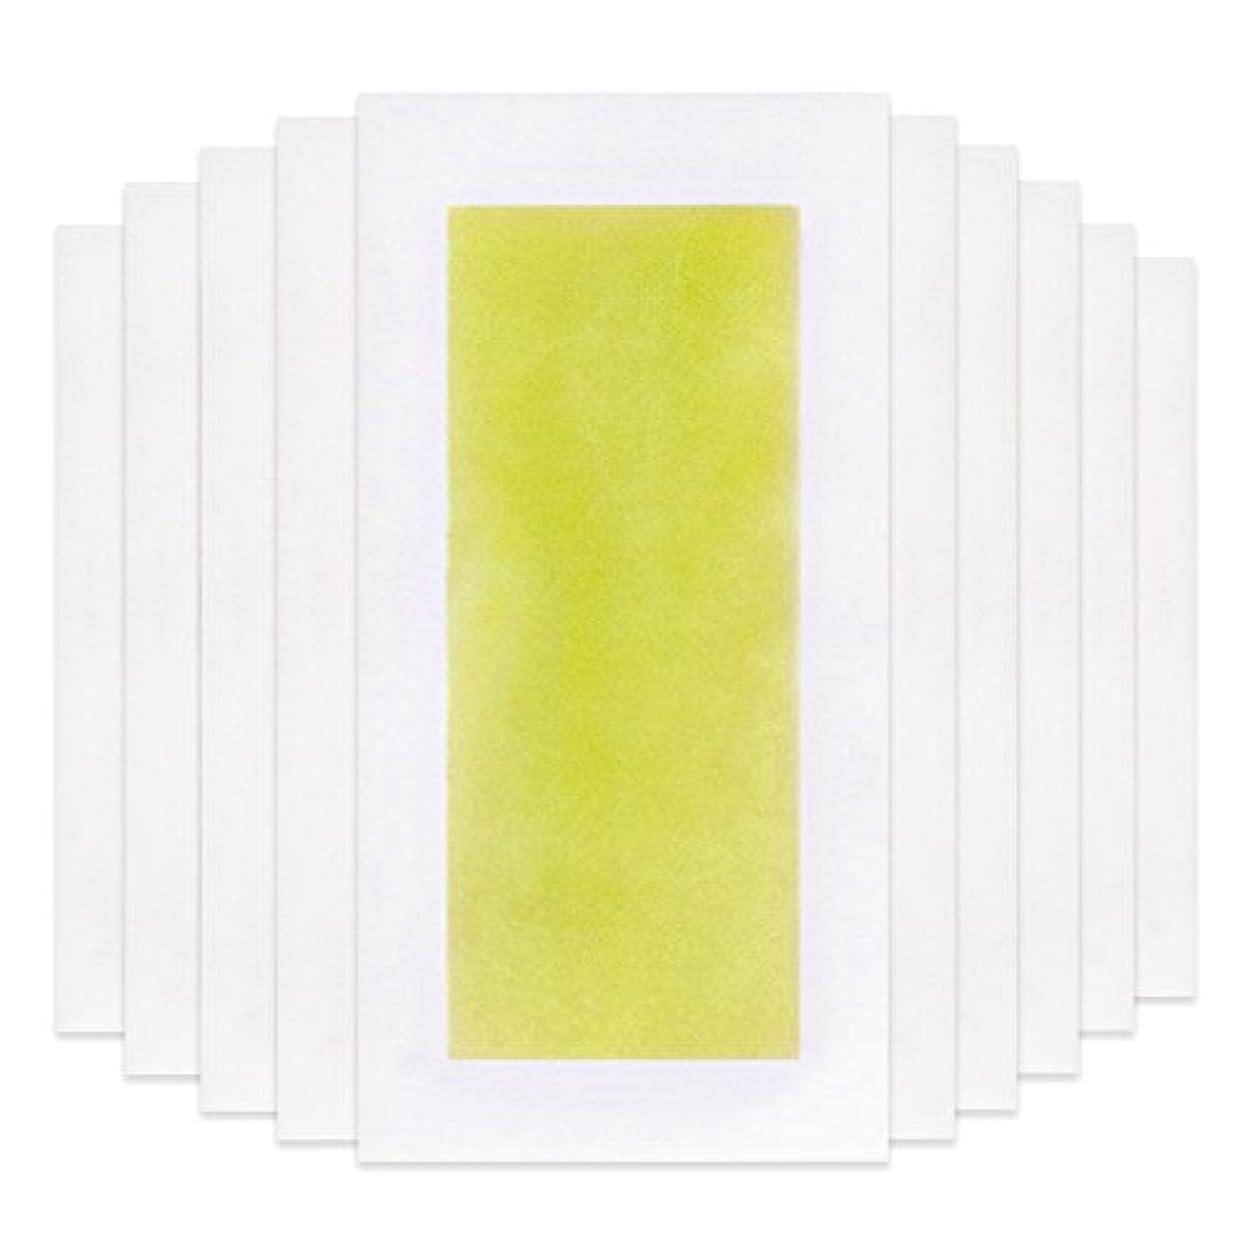 入口中世のジャンルRabugoo 脚の身体の顔のための10個のプロフェッショナルな夏の脱毛ダブルサイドコールドワックスストリップ紙 Yellow